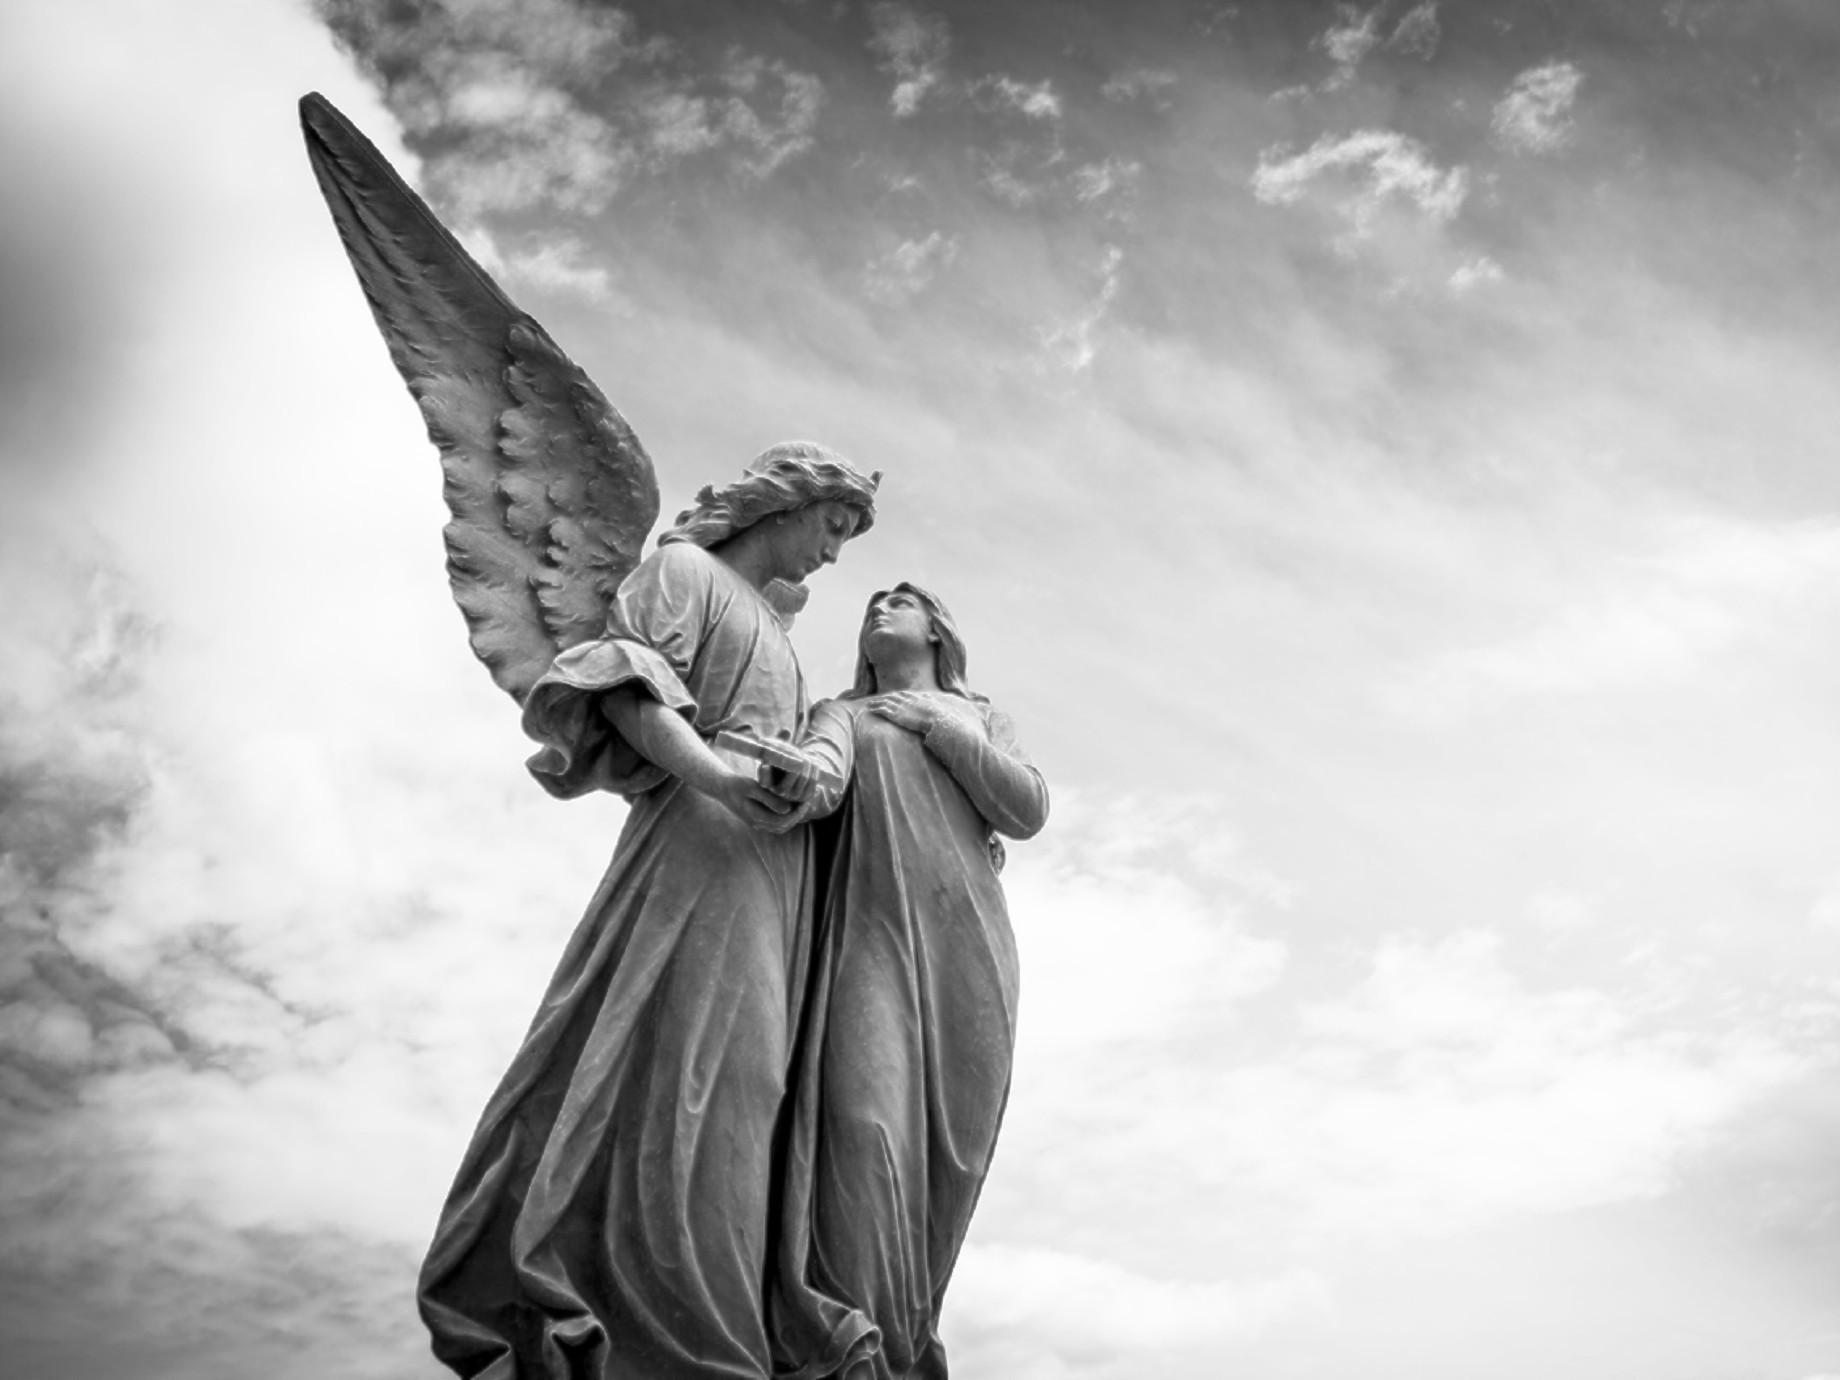 2016投資者調查:台灣創業者還在等待更多真正的天使降臨